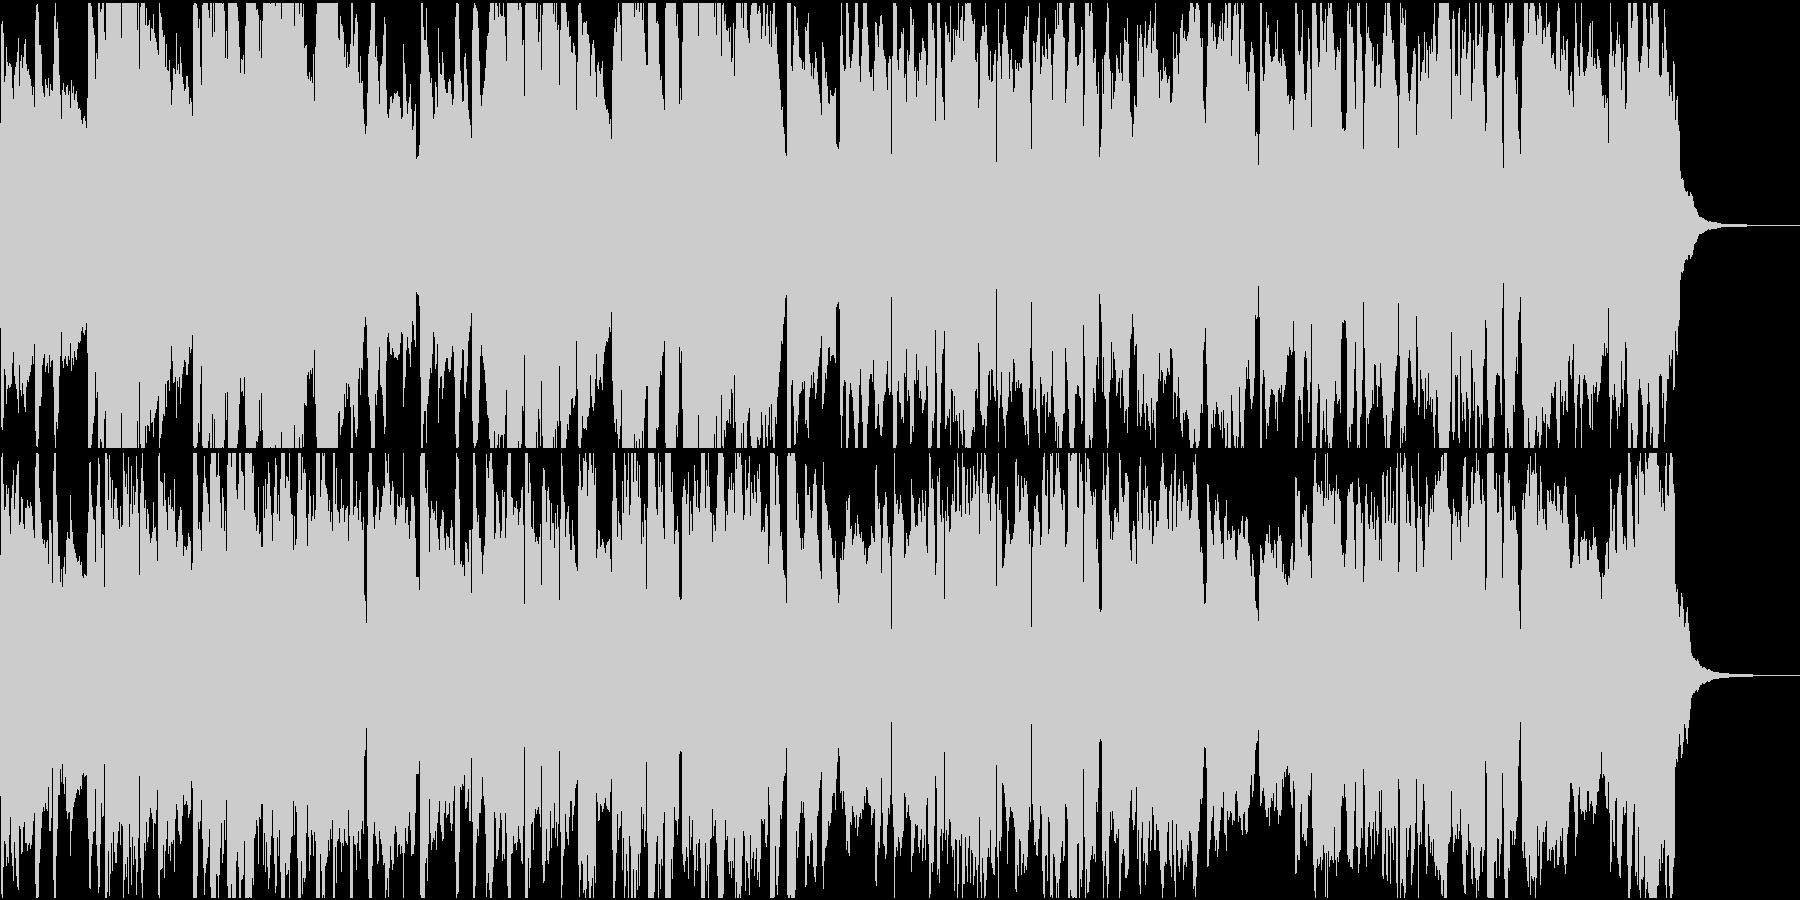 ケルト風の村BGMの未再生の波形